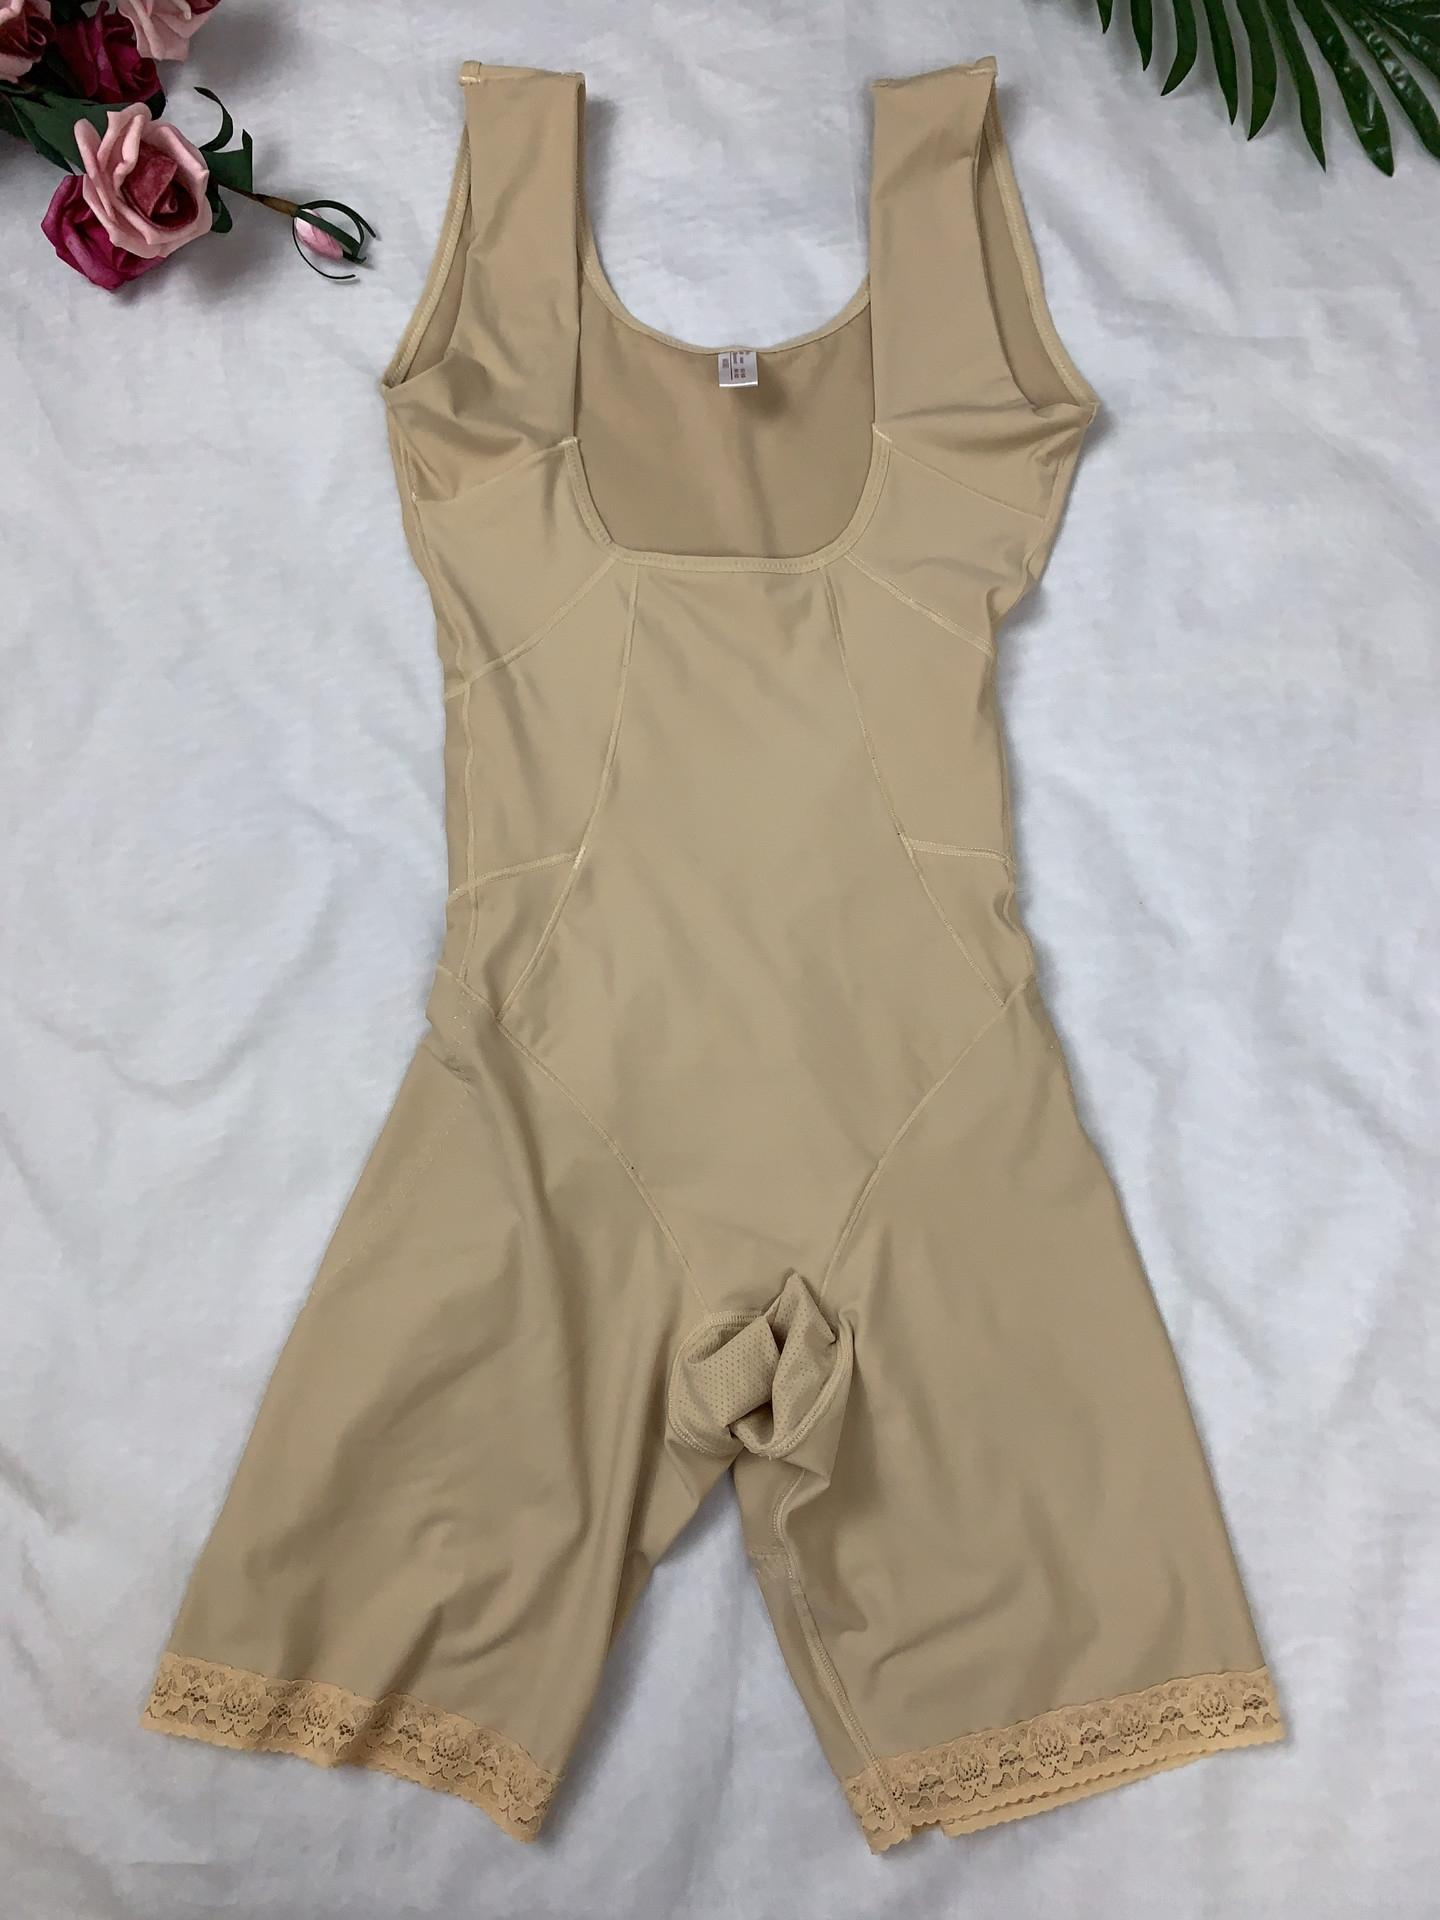 KOZHq Yeni 3Apeptide ince güzellik ve doğum sonrası vücut şekillendirme tulum karın güzellik salonu vücut yöneticisi kalça kaldırma oyma tulum -shaping